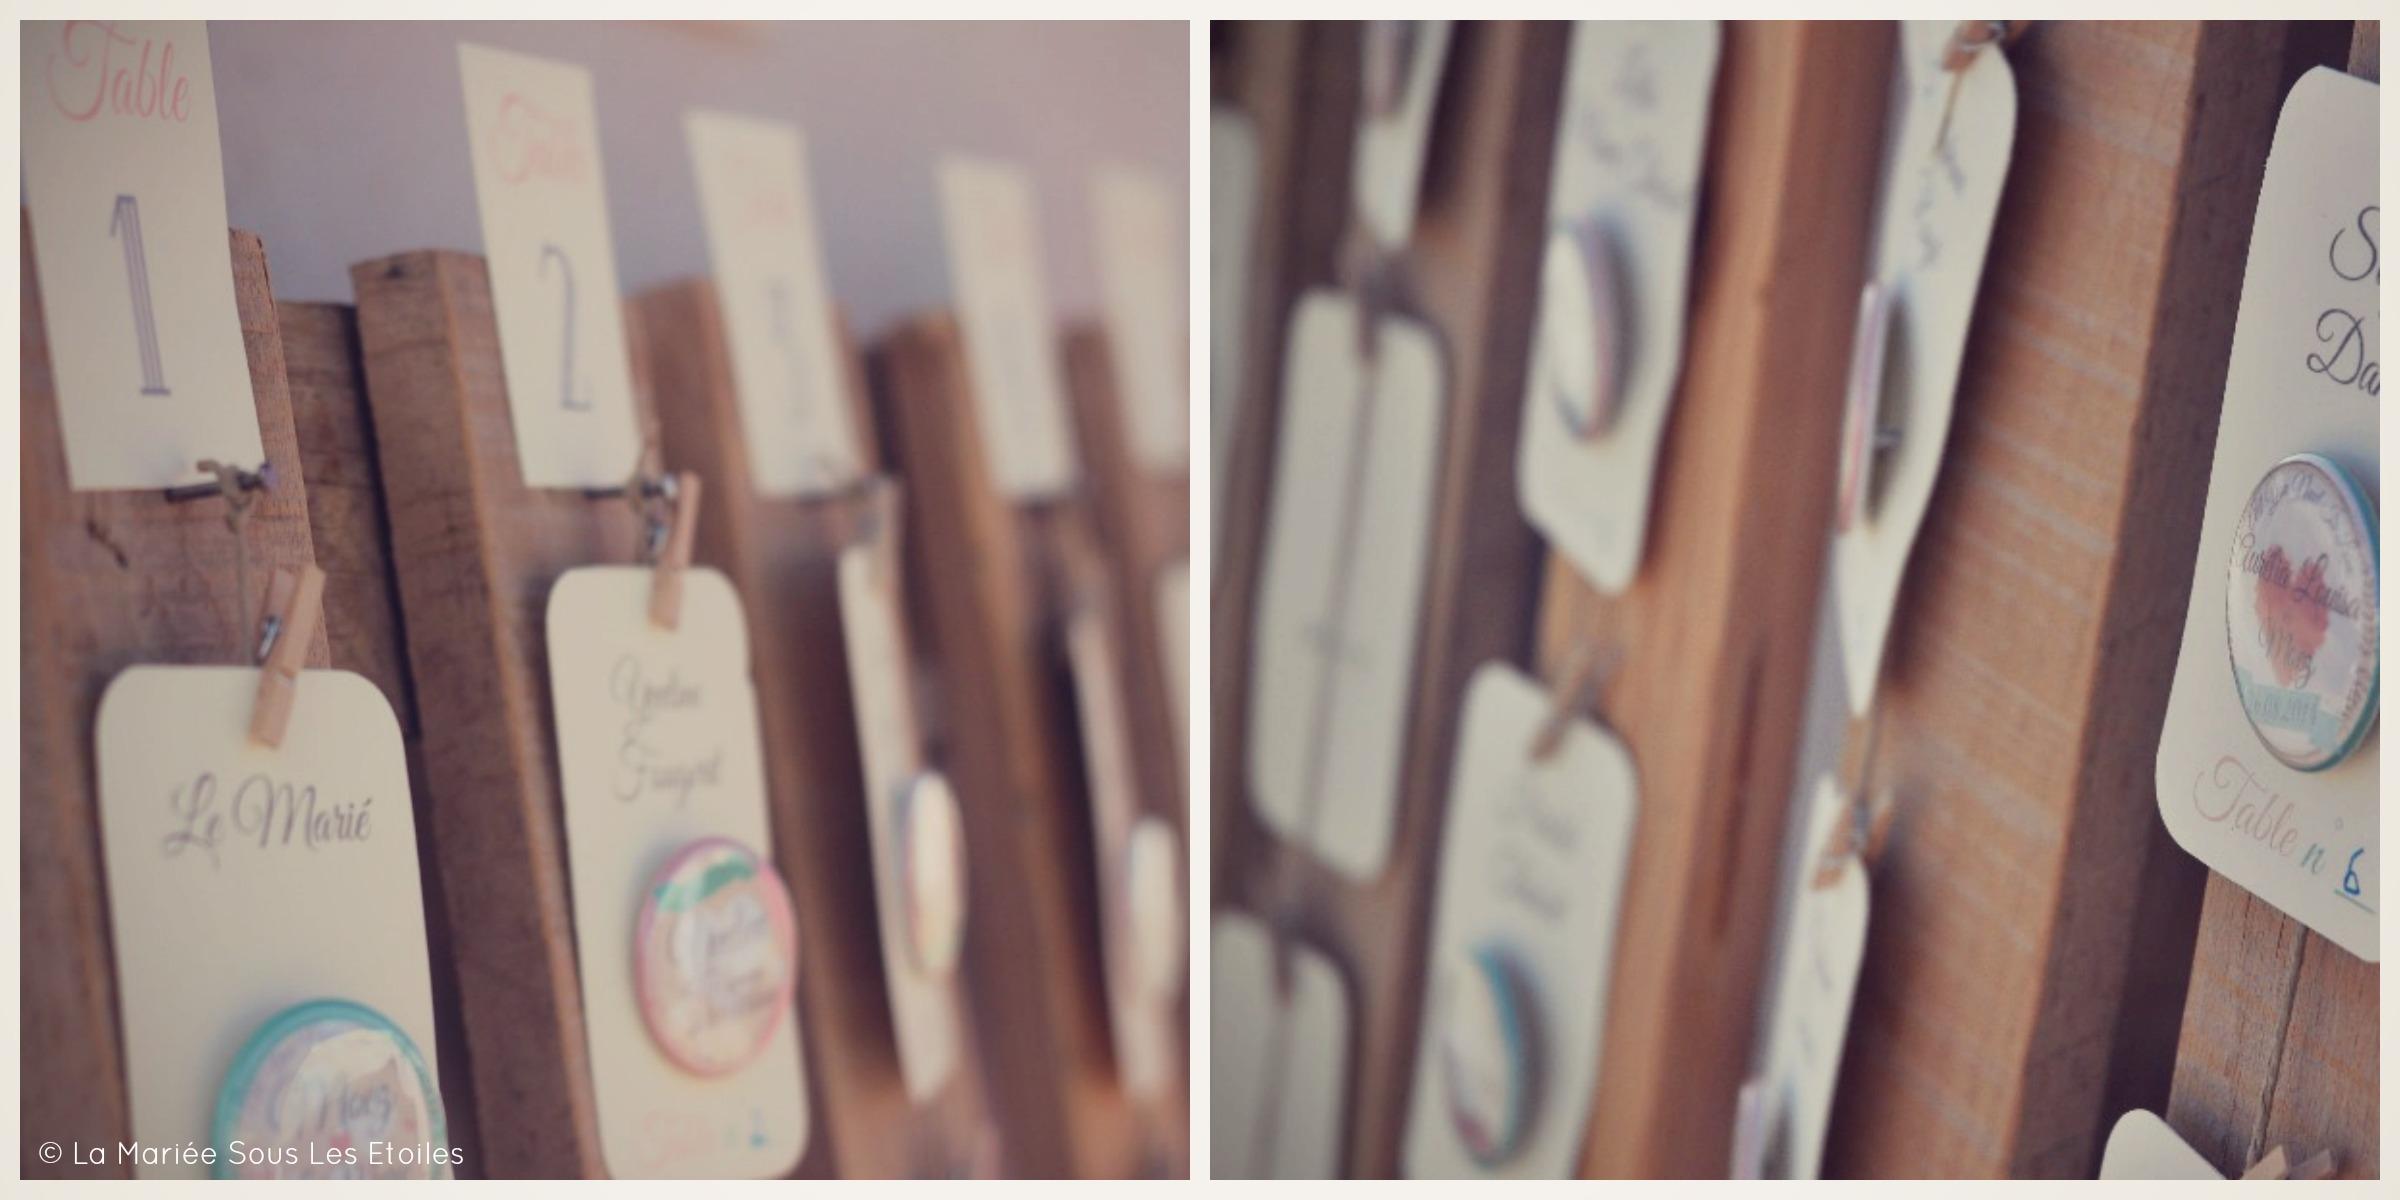 Escort cards originales pour mariage à l'esprit vintage | Escort Cards Mariage Esprit Vintage présentées par La Mariée Sous Les Etoiles